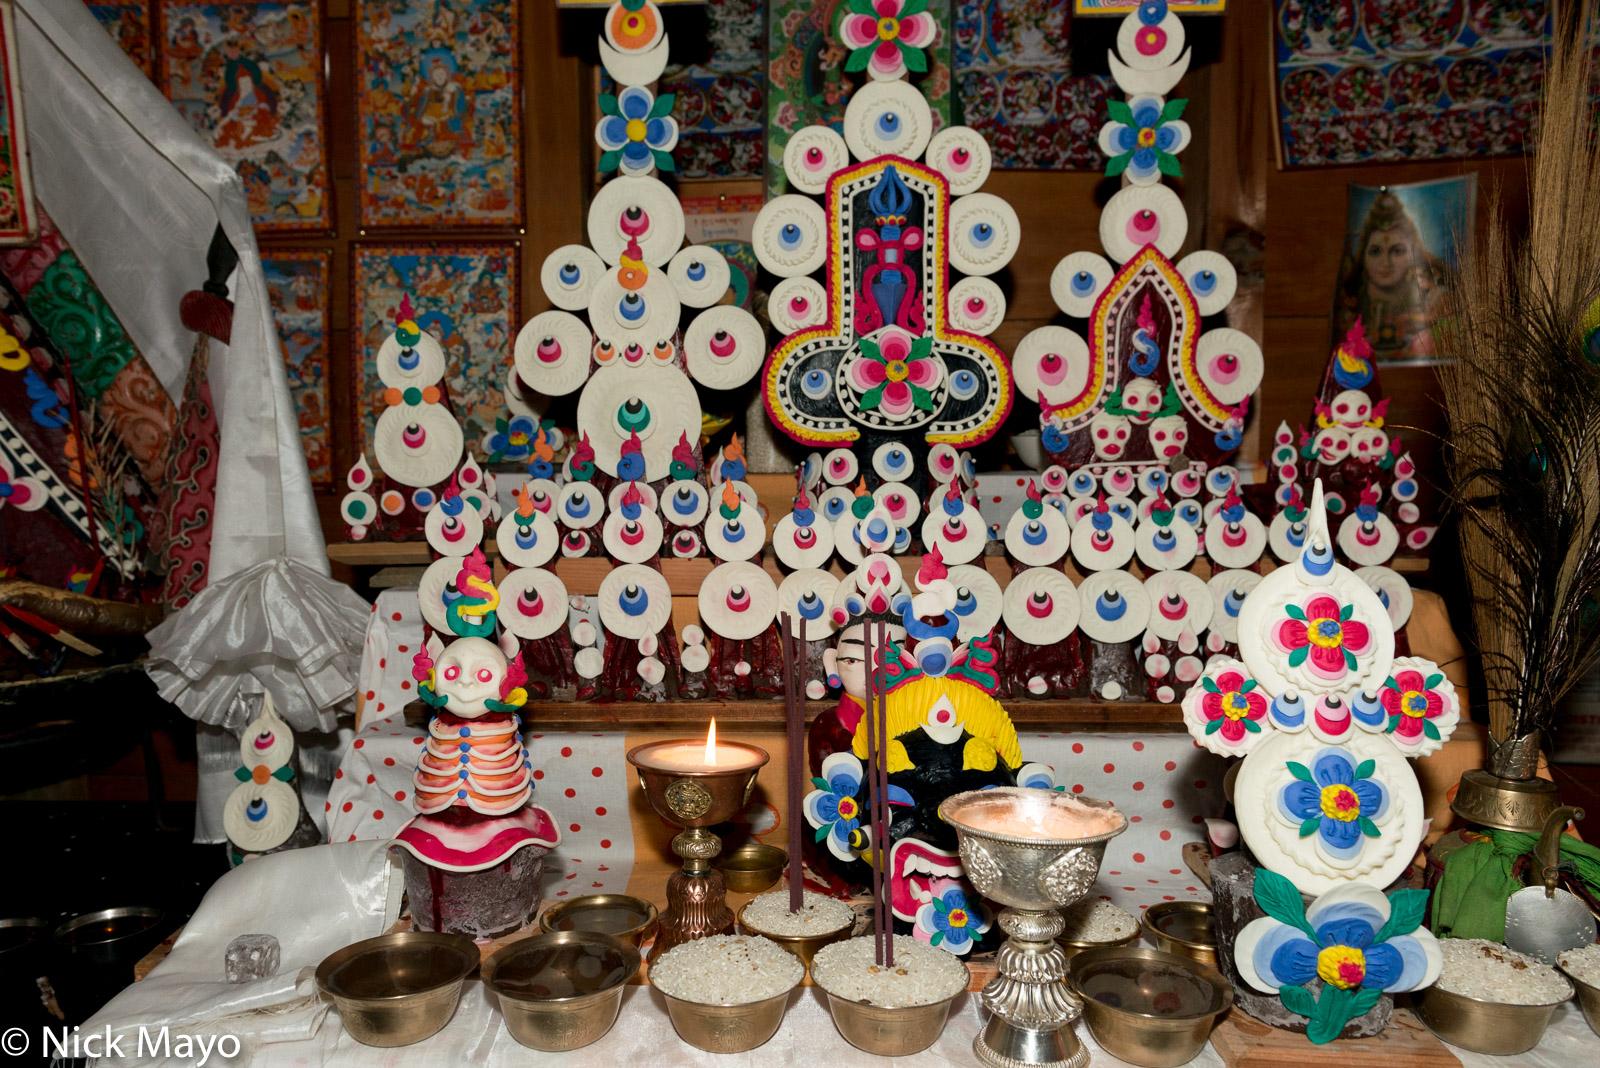 Arunachal Pradesh, Butter Sculpture, India, Shrine, photo